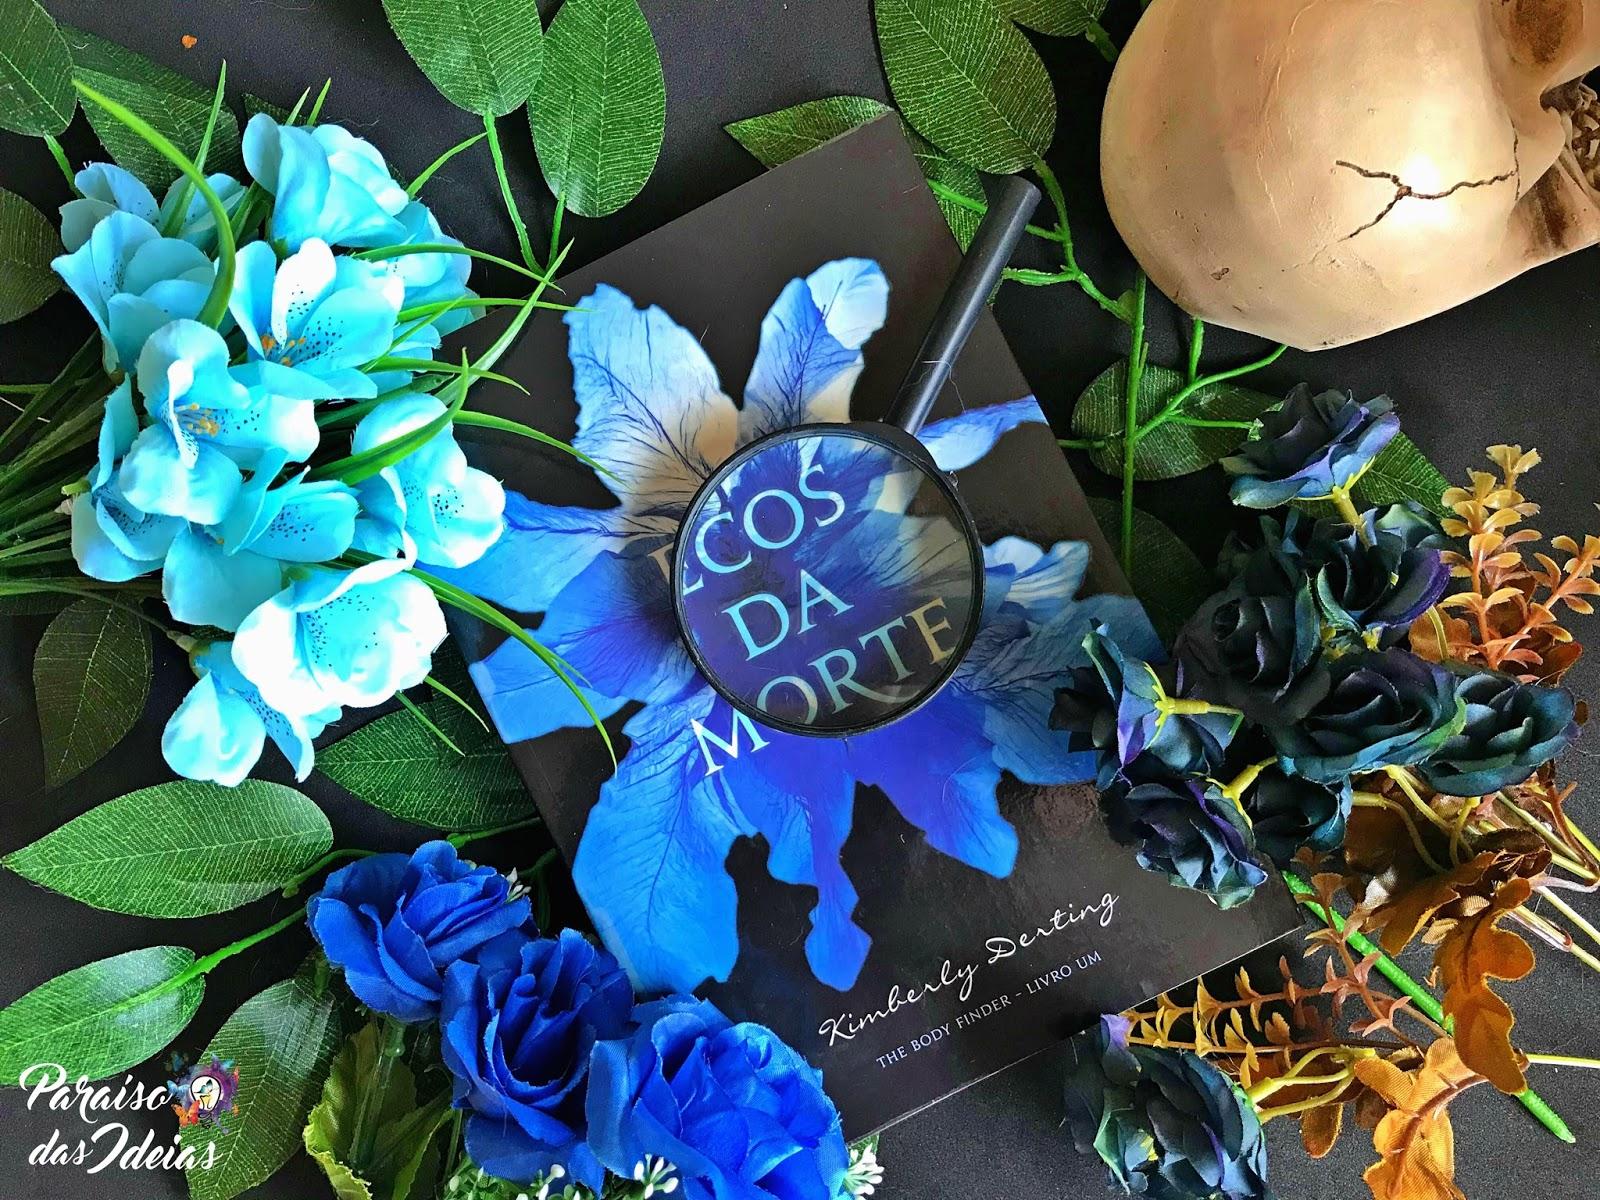 [Resenha] Ecos da Morte #01 - Kimberly Derting